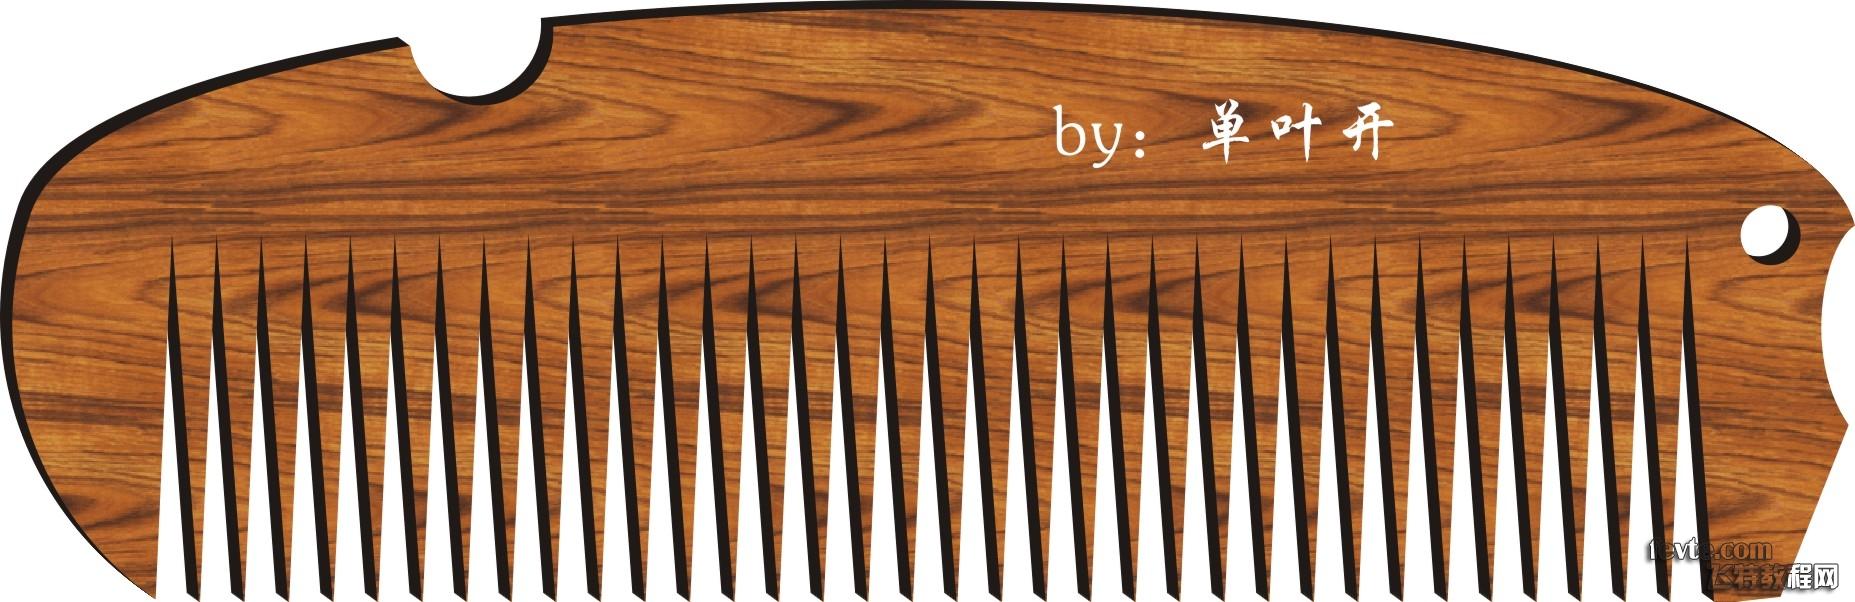 分类导航 计算机/互联网 平面设计 coreldraw > cdr拉链工具练习:木